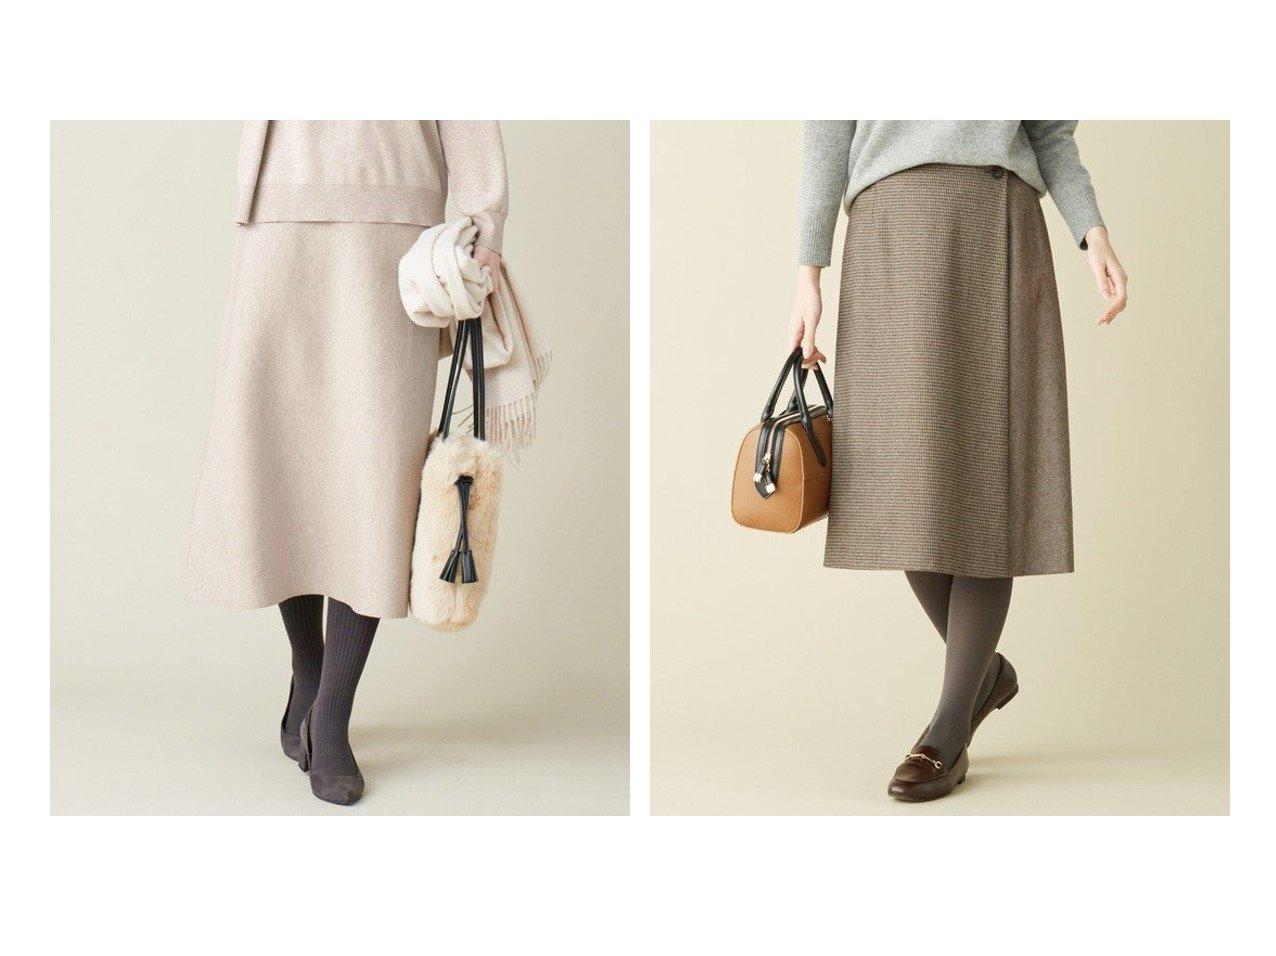 【J.PRESS/ジェイ プレス】のシックツイードチェック スカート&【洗える】PRINCE スカート スカートのおすすめ!人気、トレンド・レディースファッションの通販 おすすめで人気の流行・トレンド、ファッションの通販商品 メンズファッション・キッズファッション・インテリア・家具・レディースファッション・服の通販 founy(ファニー) https://founy.com/ ファッション Fashion レディースファッション WOMEN スカート Skirt 送料無料 Free Shipping シルク エレガント ストレッチ セットアップ バランス 洗える |ID:crp329100000011744